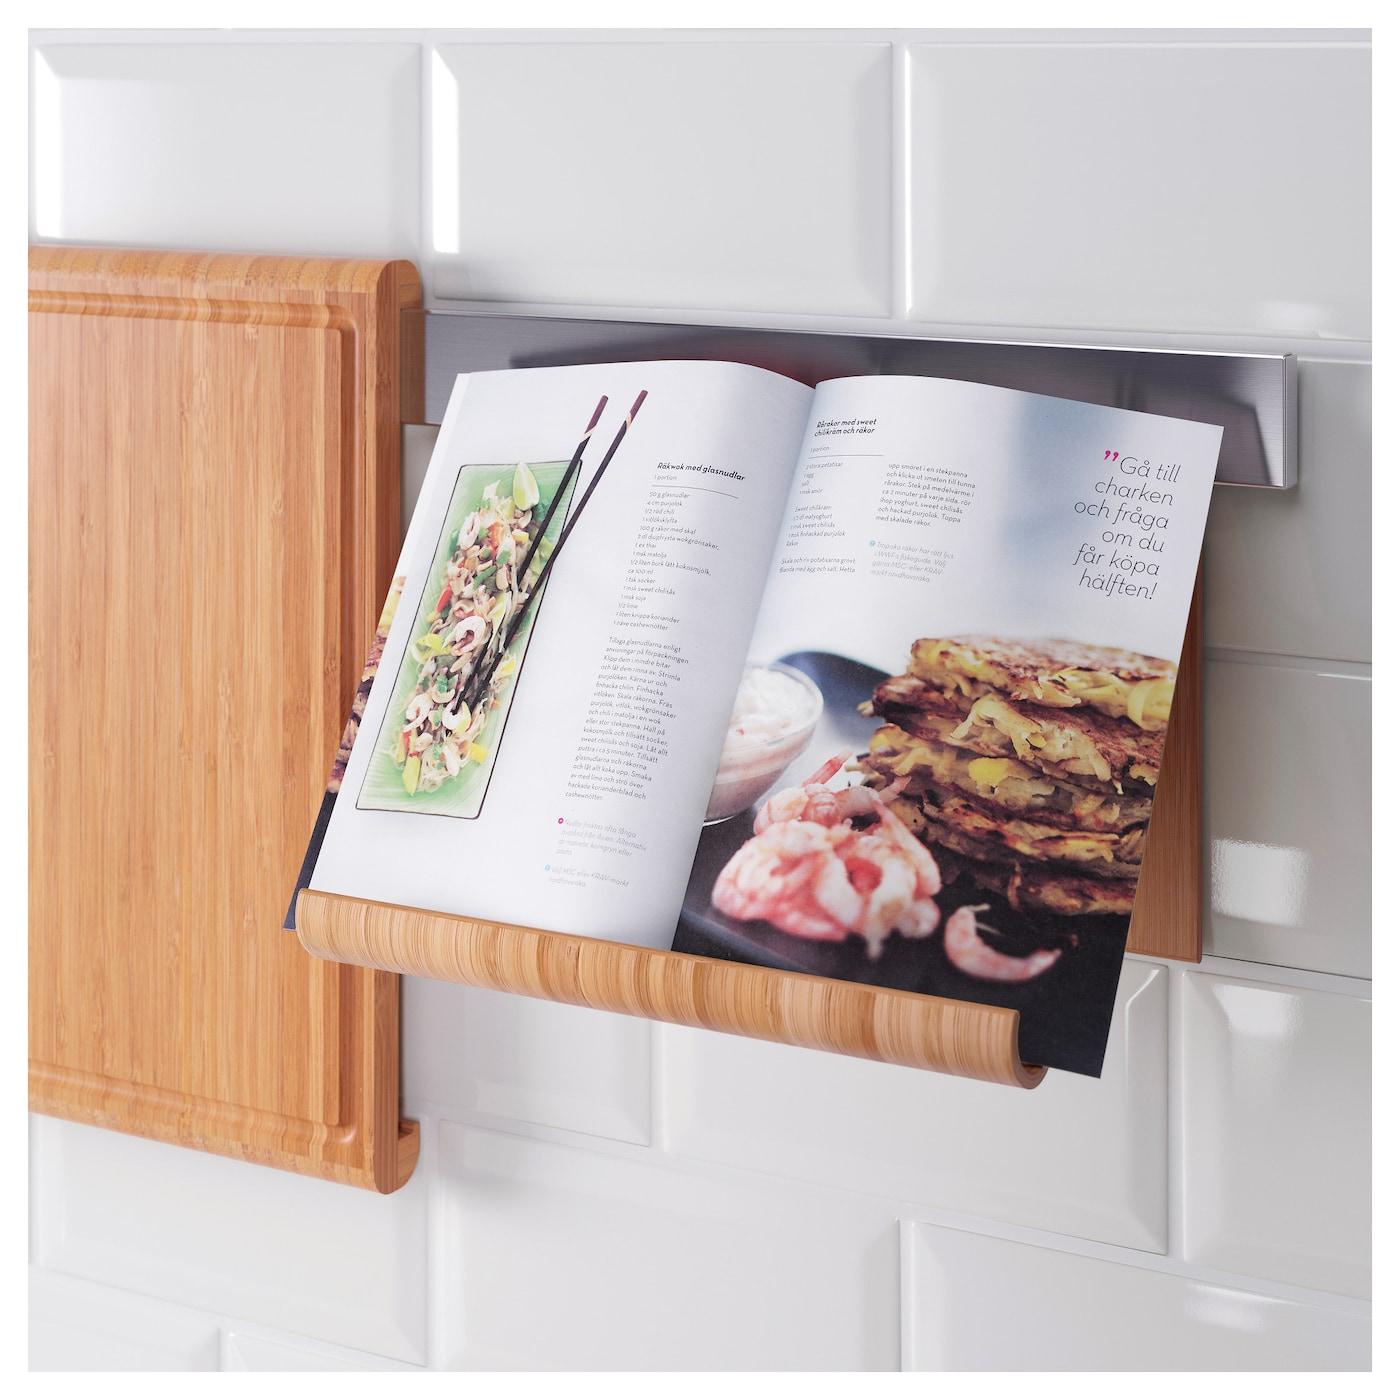 Rimforsa standaard voor tablet bamboe 26x17 cm ikea - Ikea cuisine 3d pour ipad ...